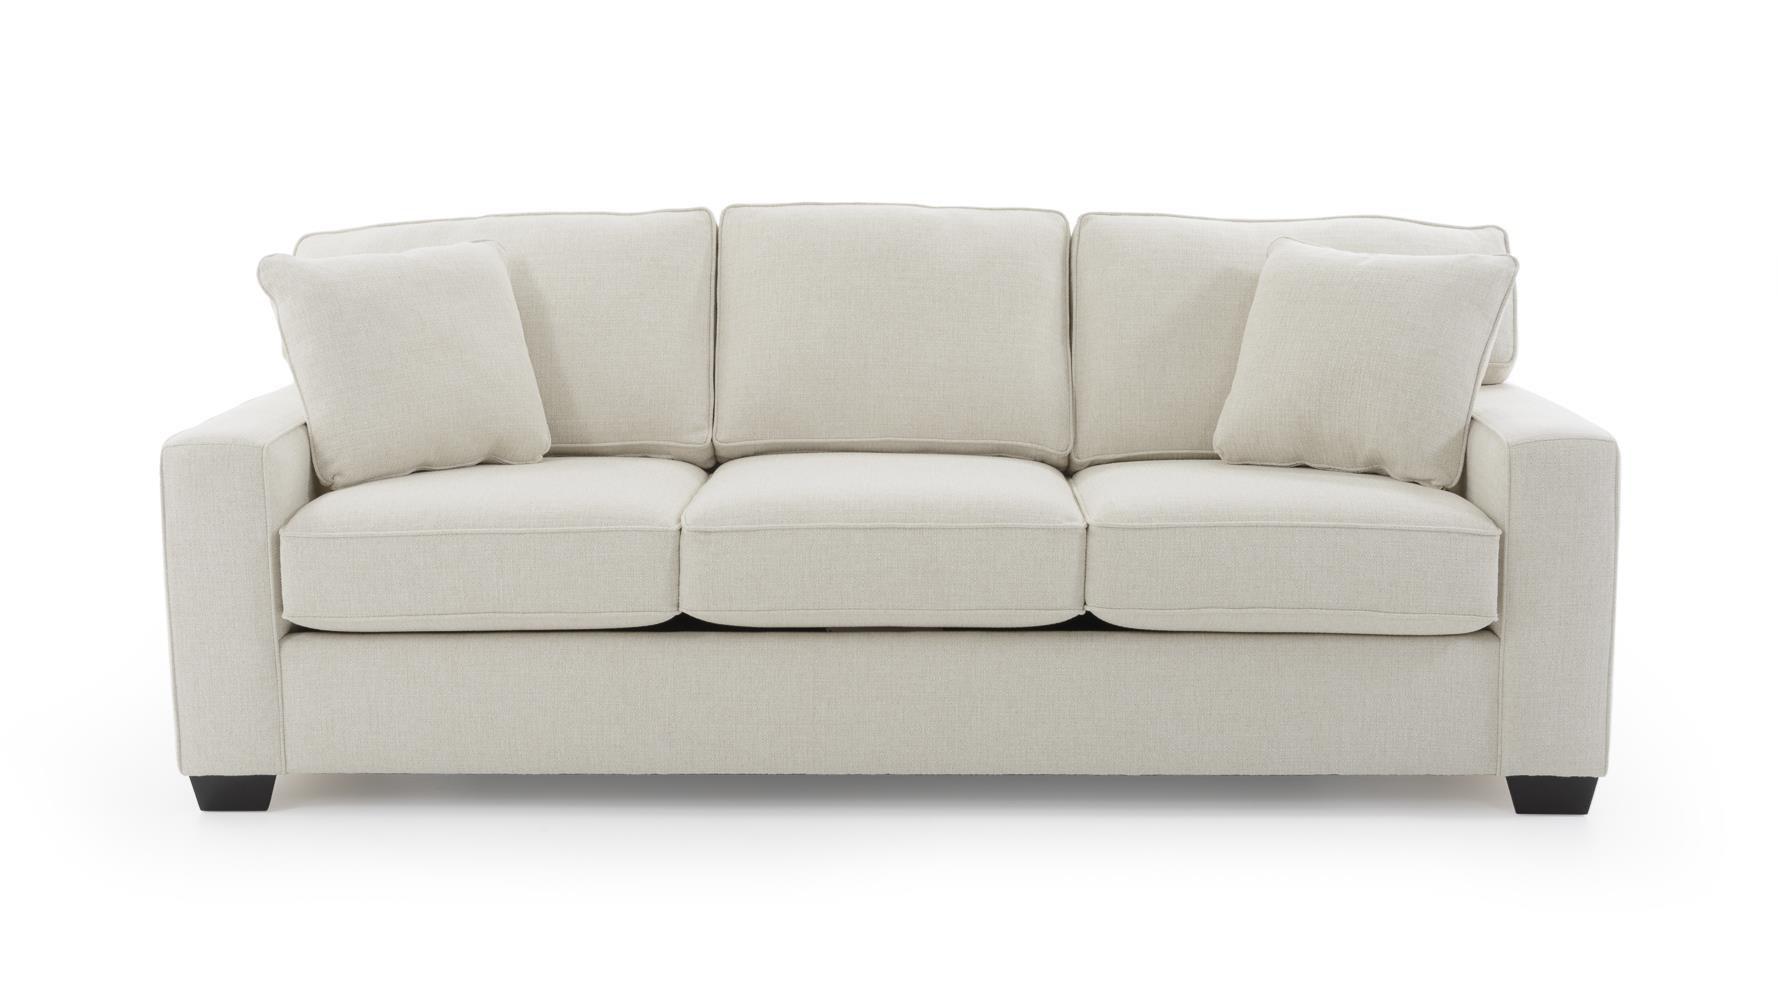 Sofa Bed Super Queen